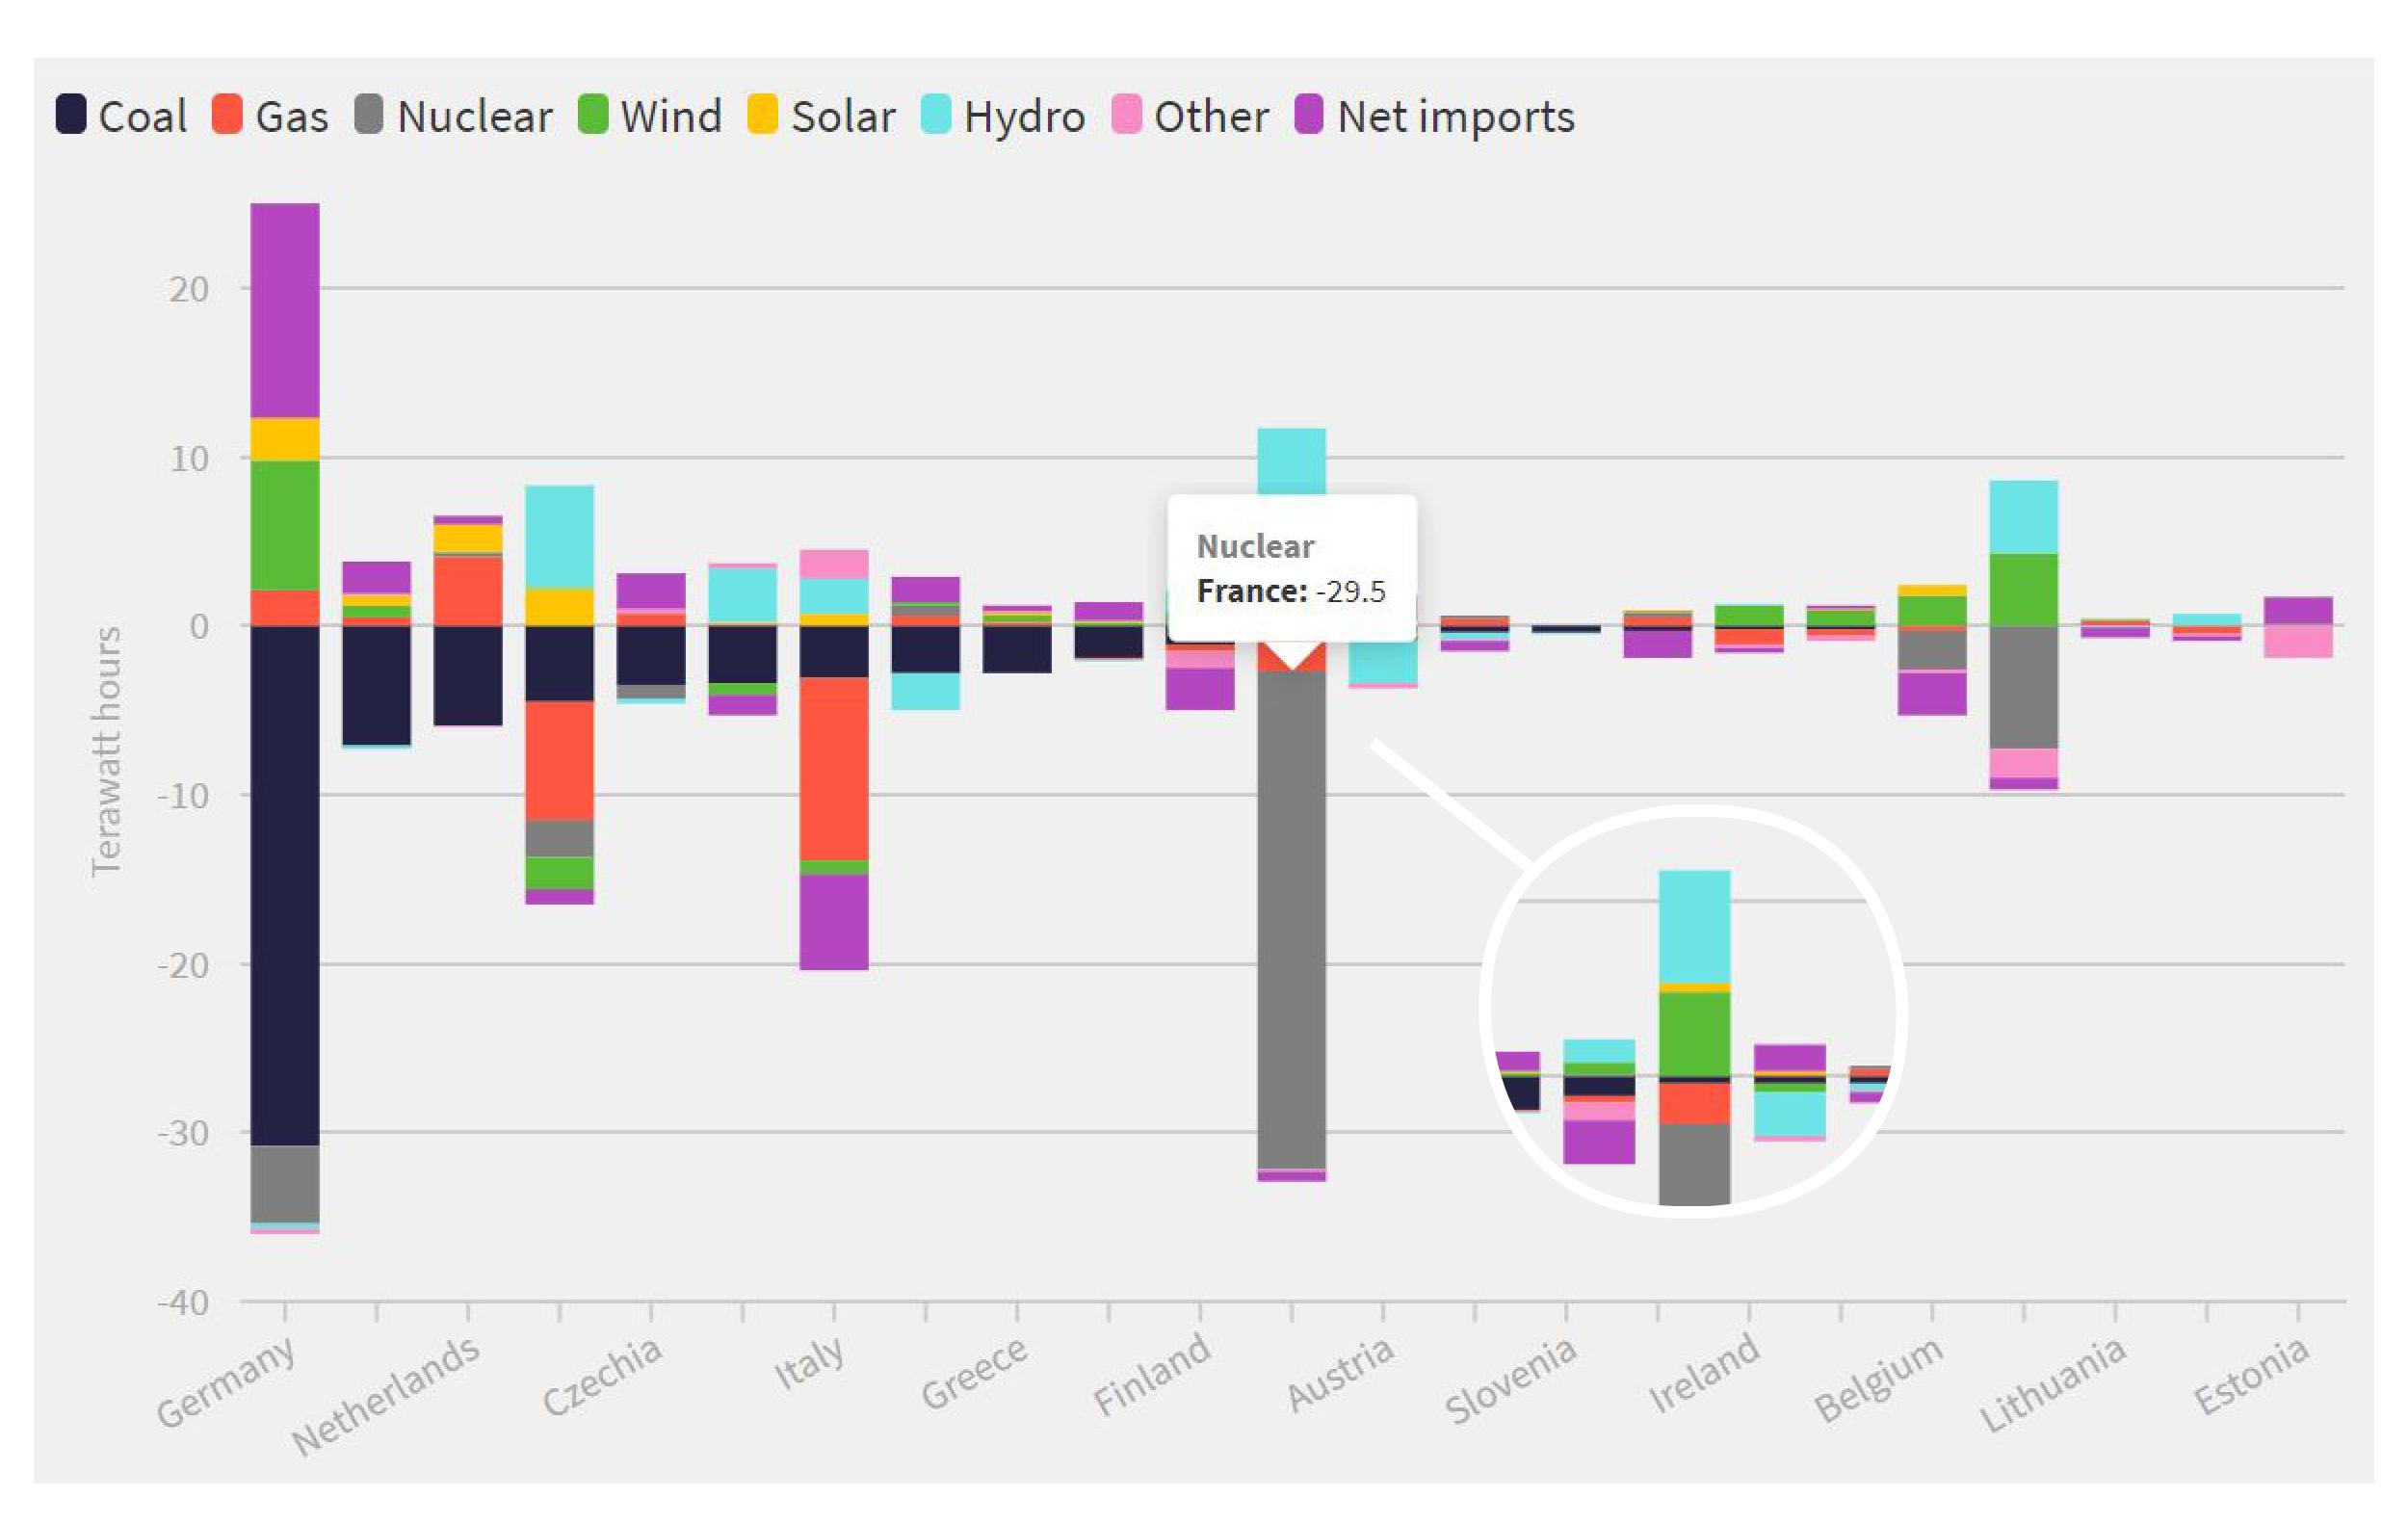 Evolution de la production d'électricité selon les énergies en europe